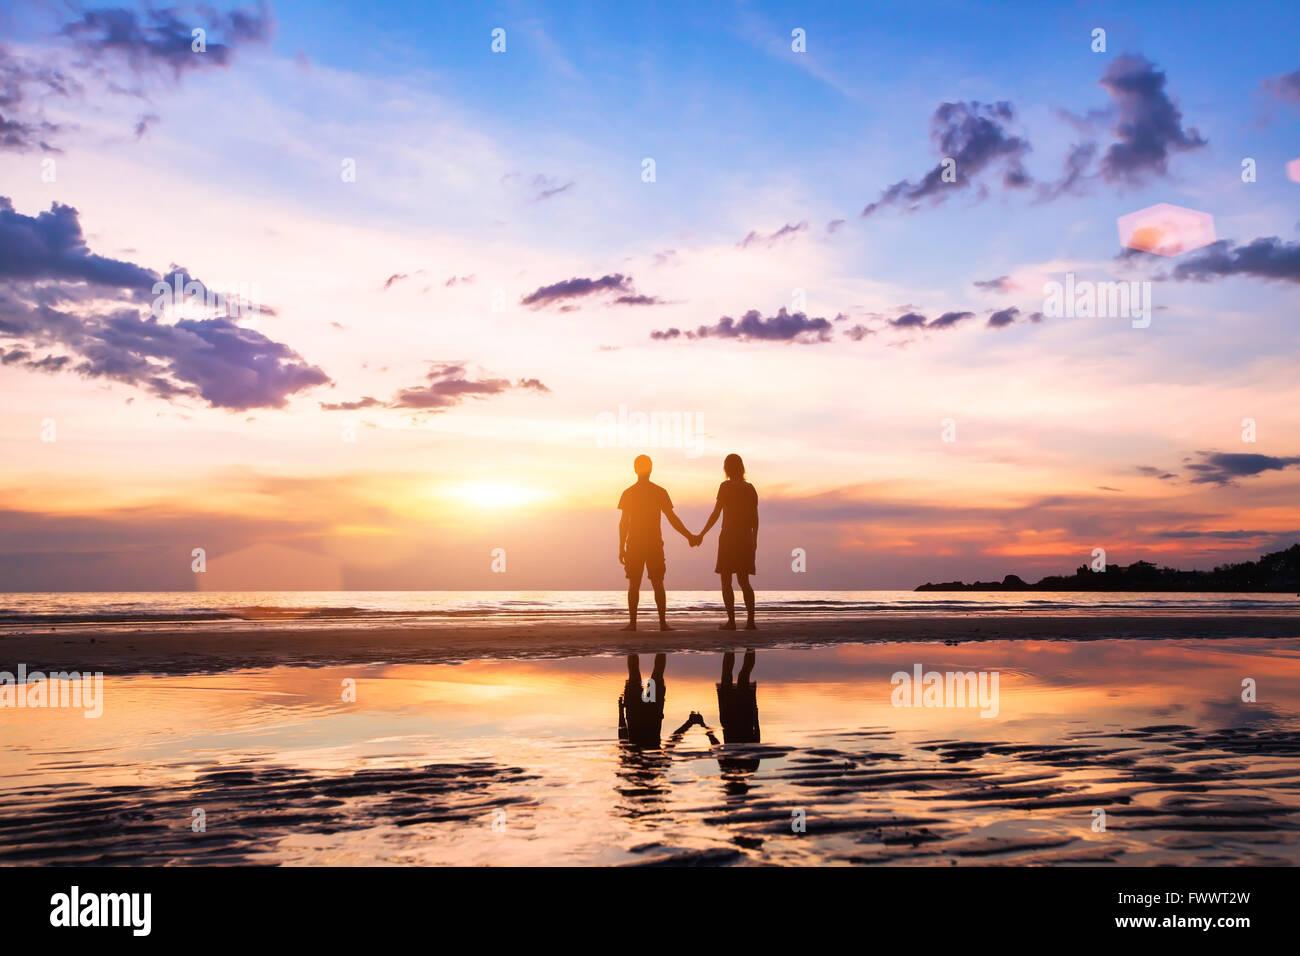 Couple romantique sur la plage au coucher du soleil, les silhouettes de l'homme et de la femme ensemble Photo Stock